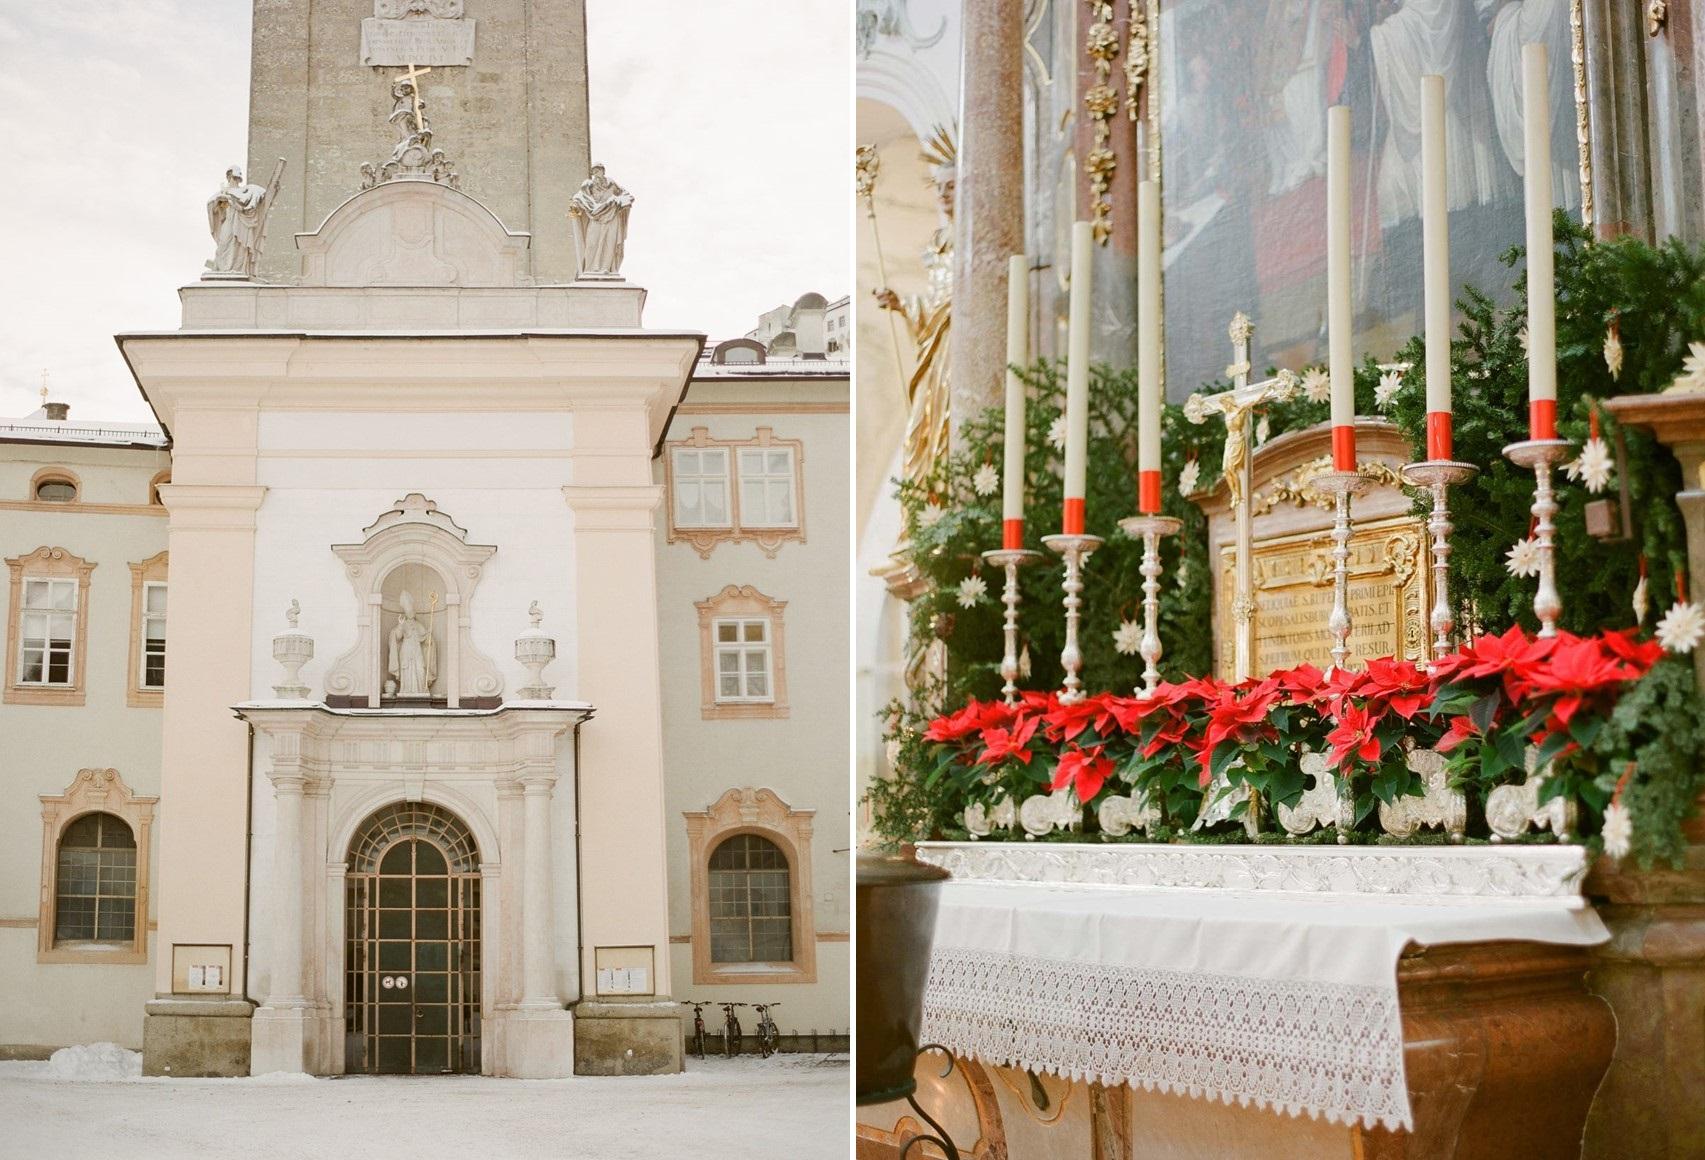 A Winter Wonderland Wedding From Austria Chic Vintage Brides Chic Vintage Brides